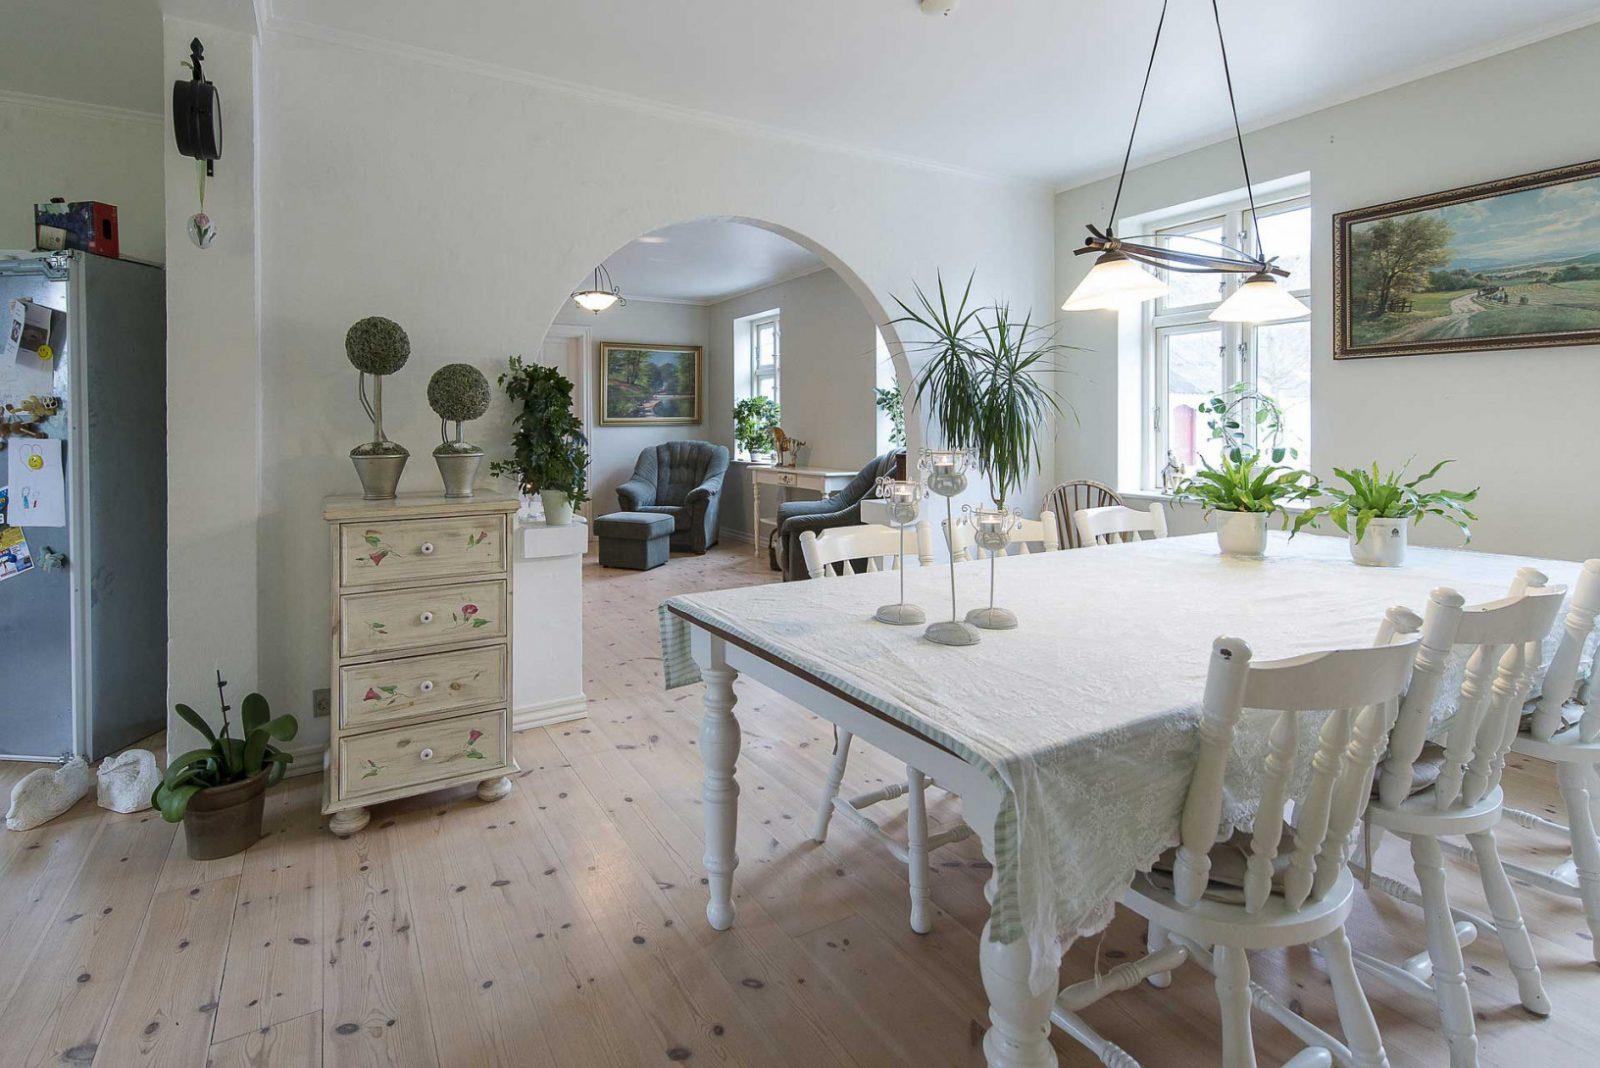 Der Landhausstil  Gemütlich Romantisch Rustikal Und Doch von Moderner Landhausstil Dekoration Bild